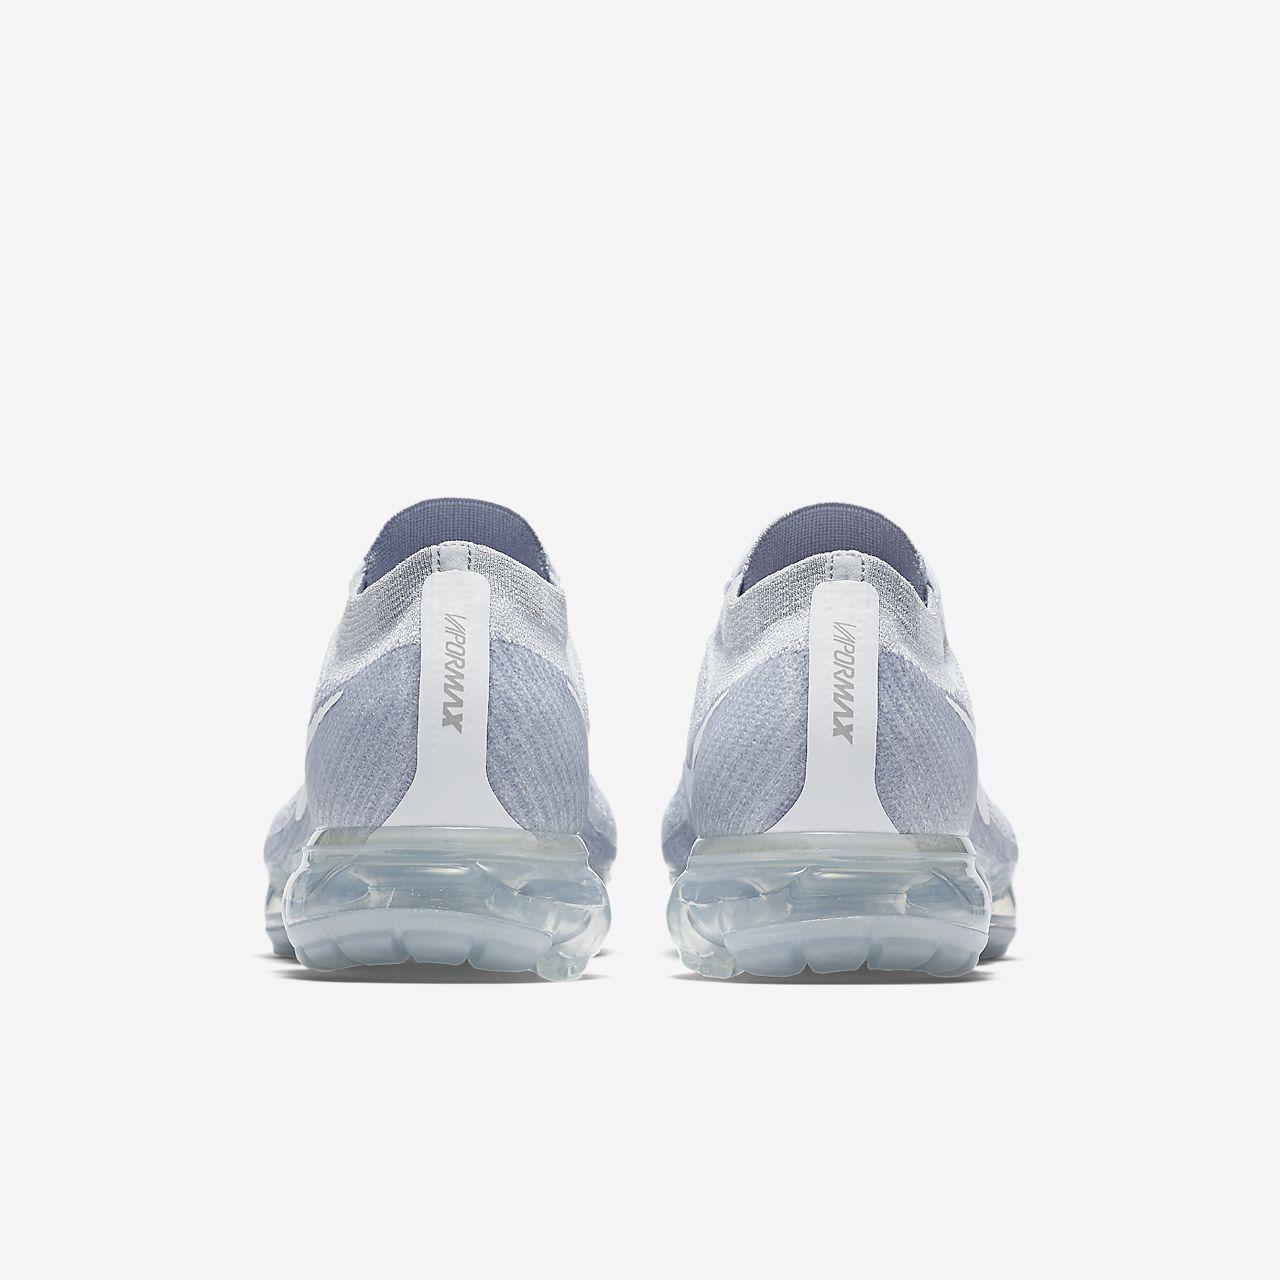 7dba995008d6c Nike Air Vapormax Flyknit Unisex Running Shoe biological-crop ...